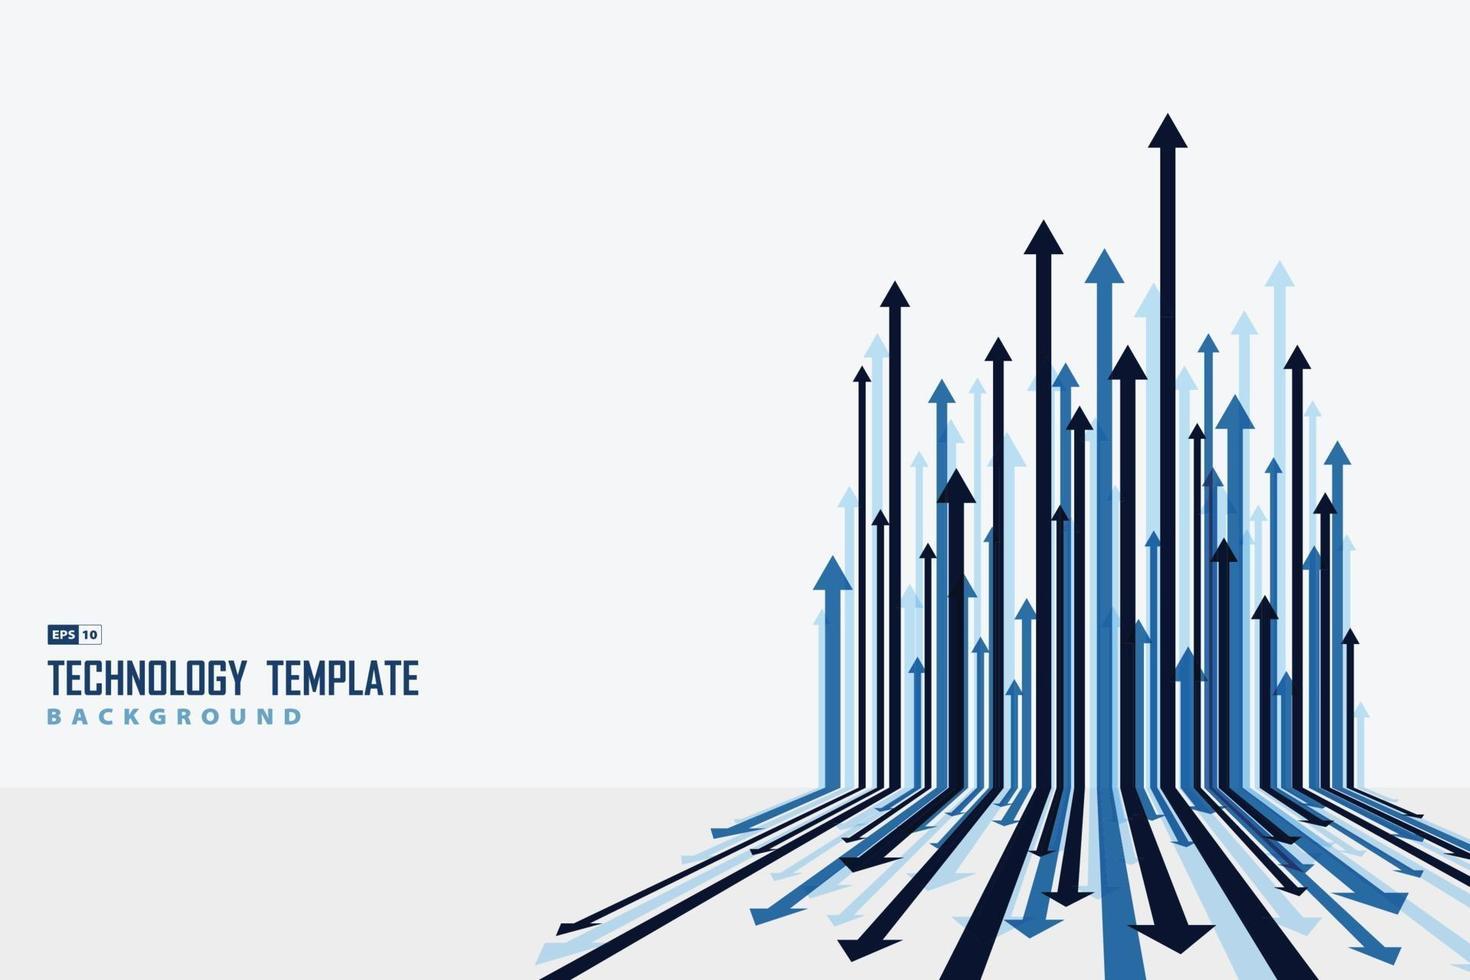 dekorativer kunststoffhintergrund des abstrakten pfeils blauen streifenlinienmuster. Illustrationsvektor eps10 vektor